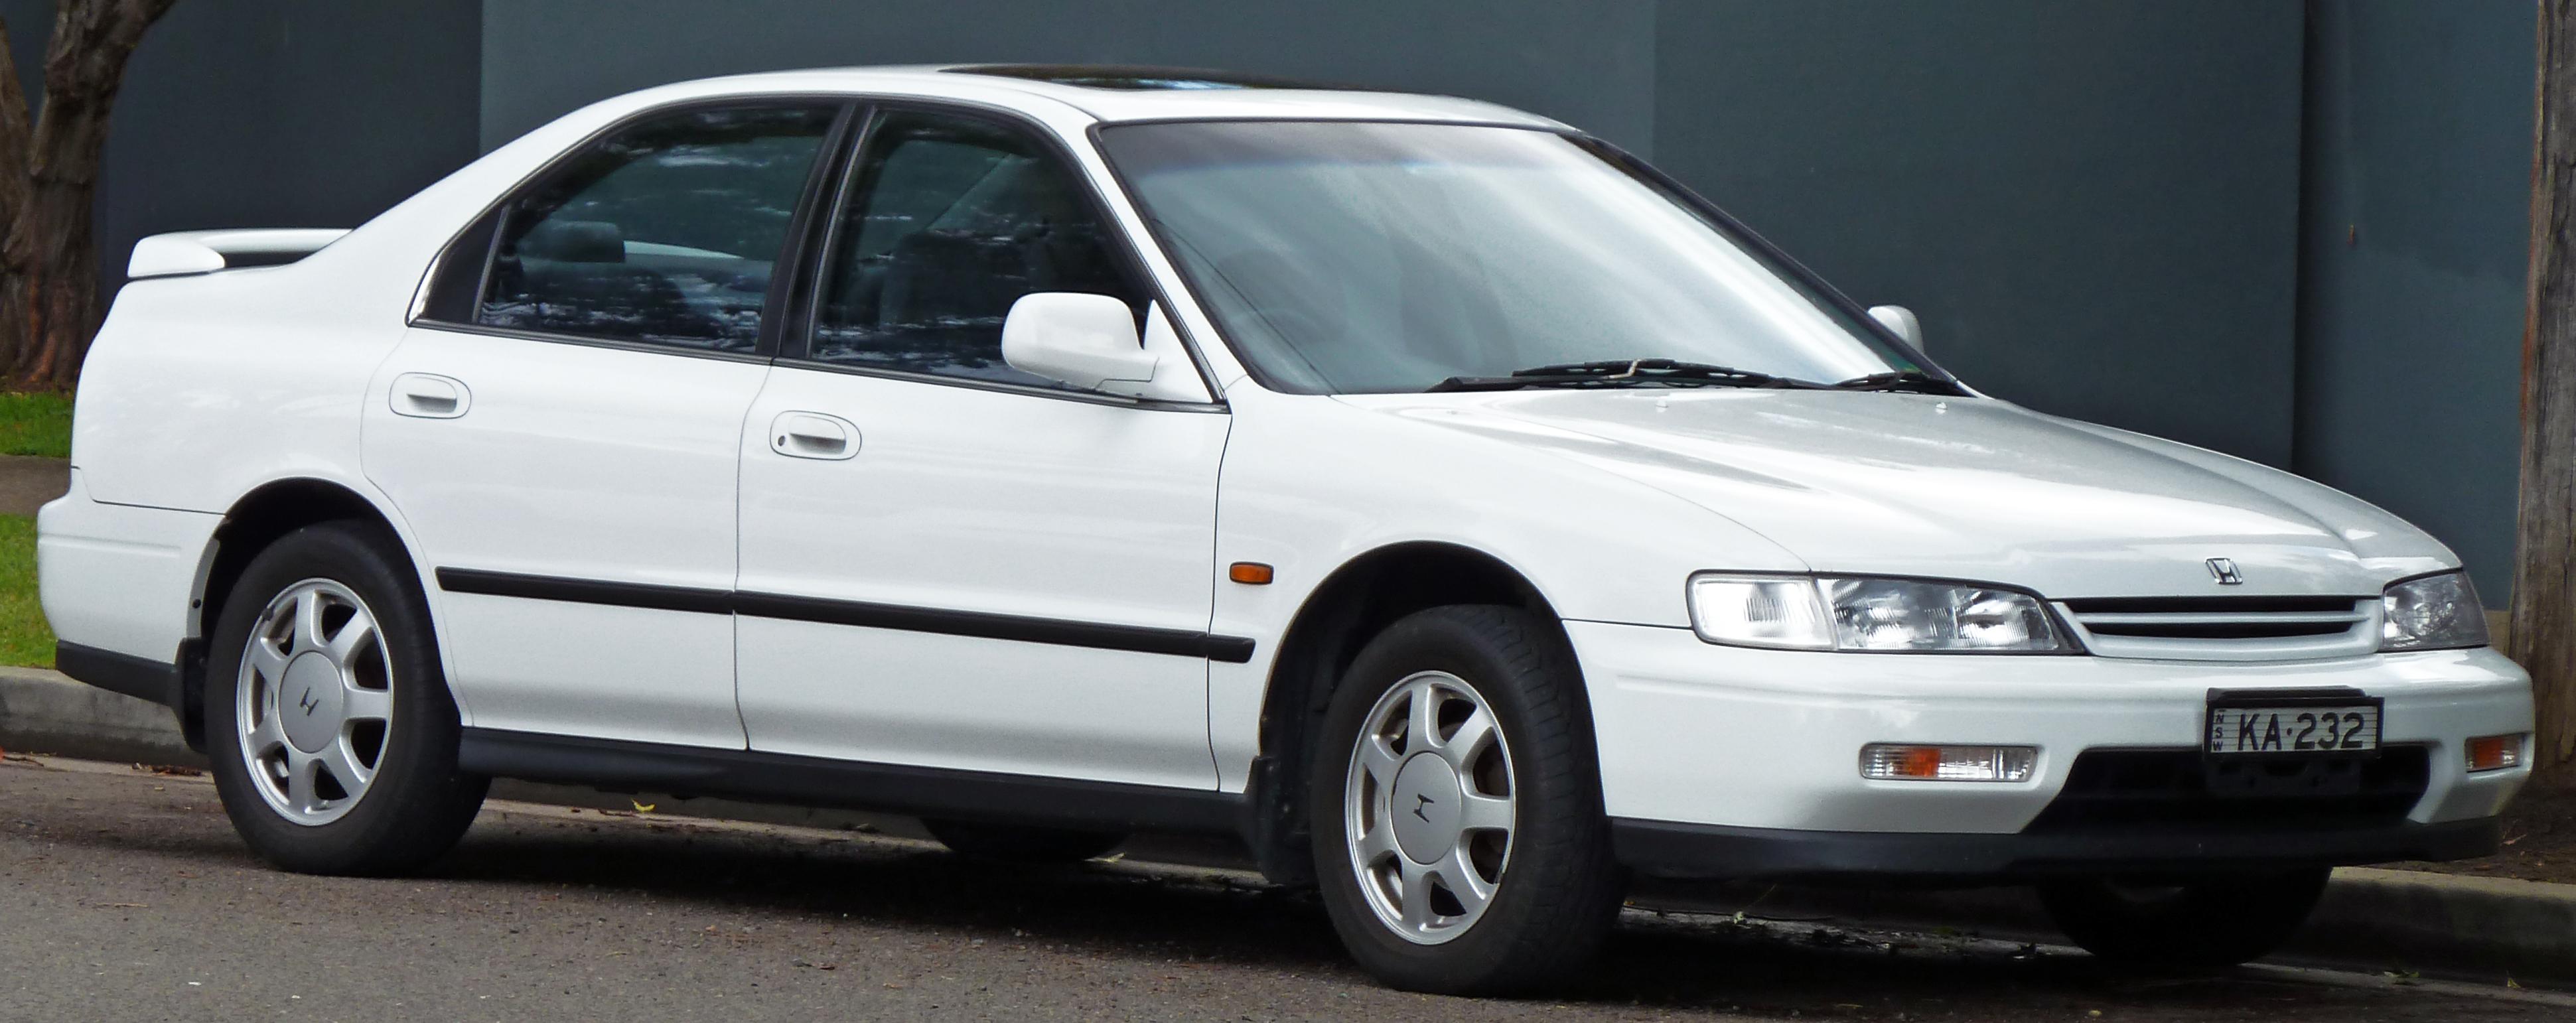 Kelebihan Honda Accord 1995 Harga